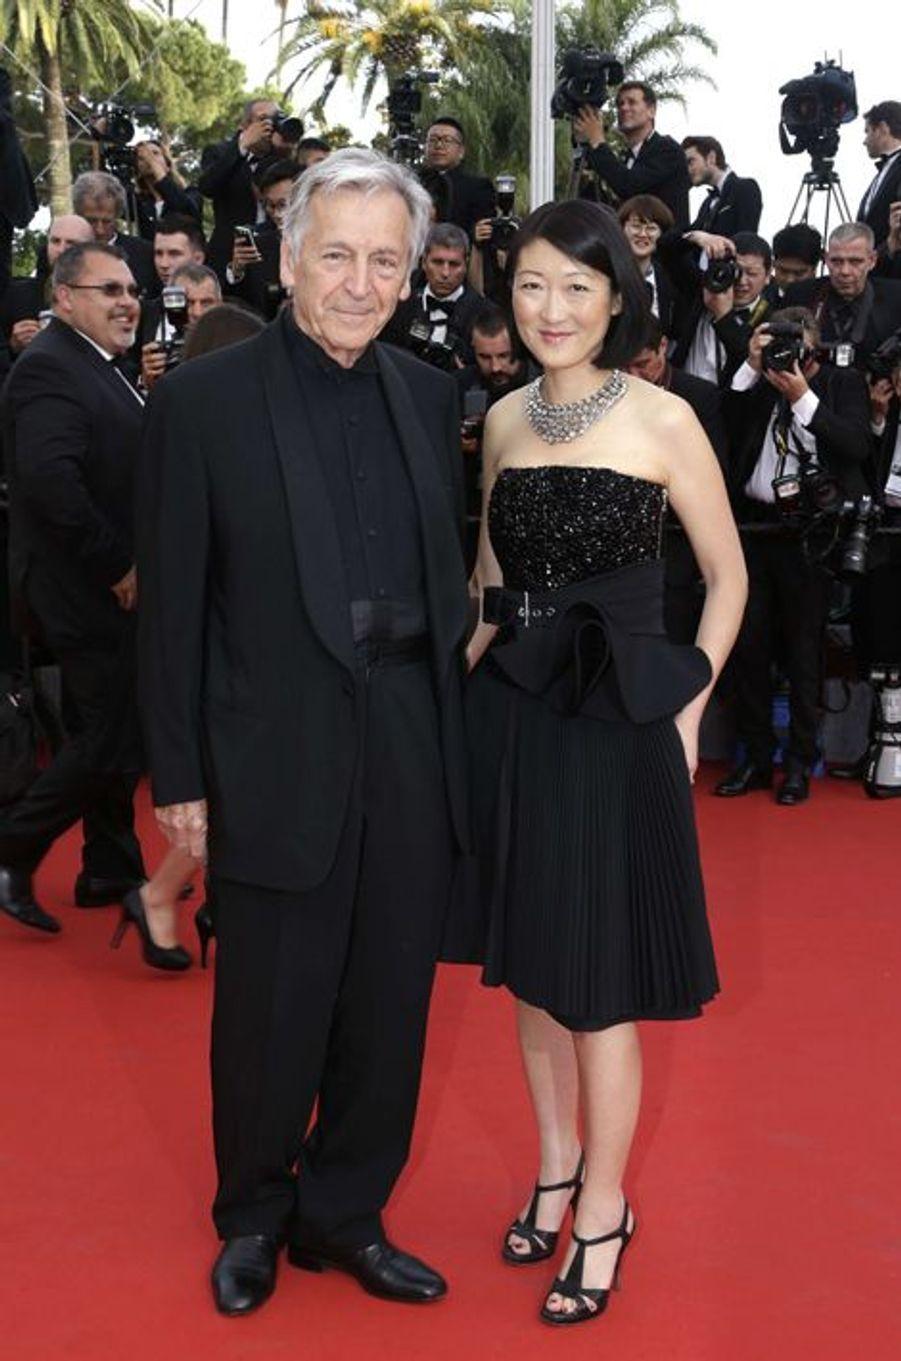 Costa-Gavras et la ministre de la Culture et de la Communication Fleur Pellerin à Cannes le 13 mai 2015